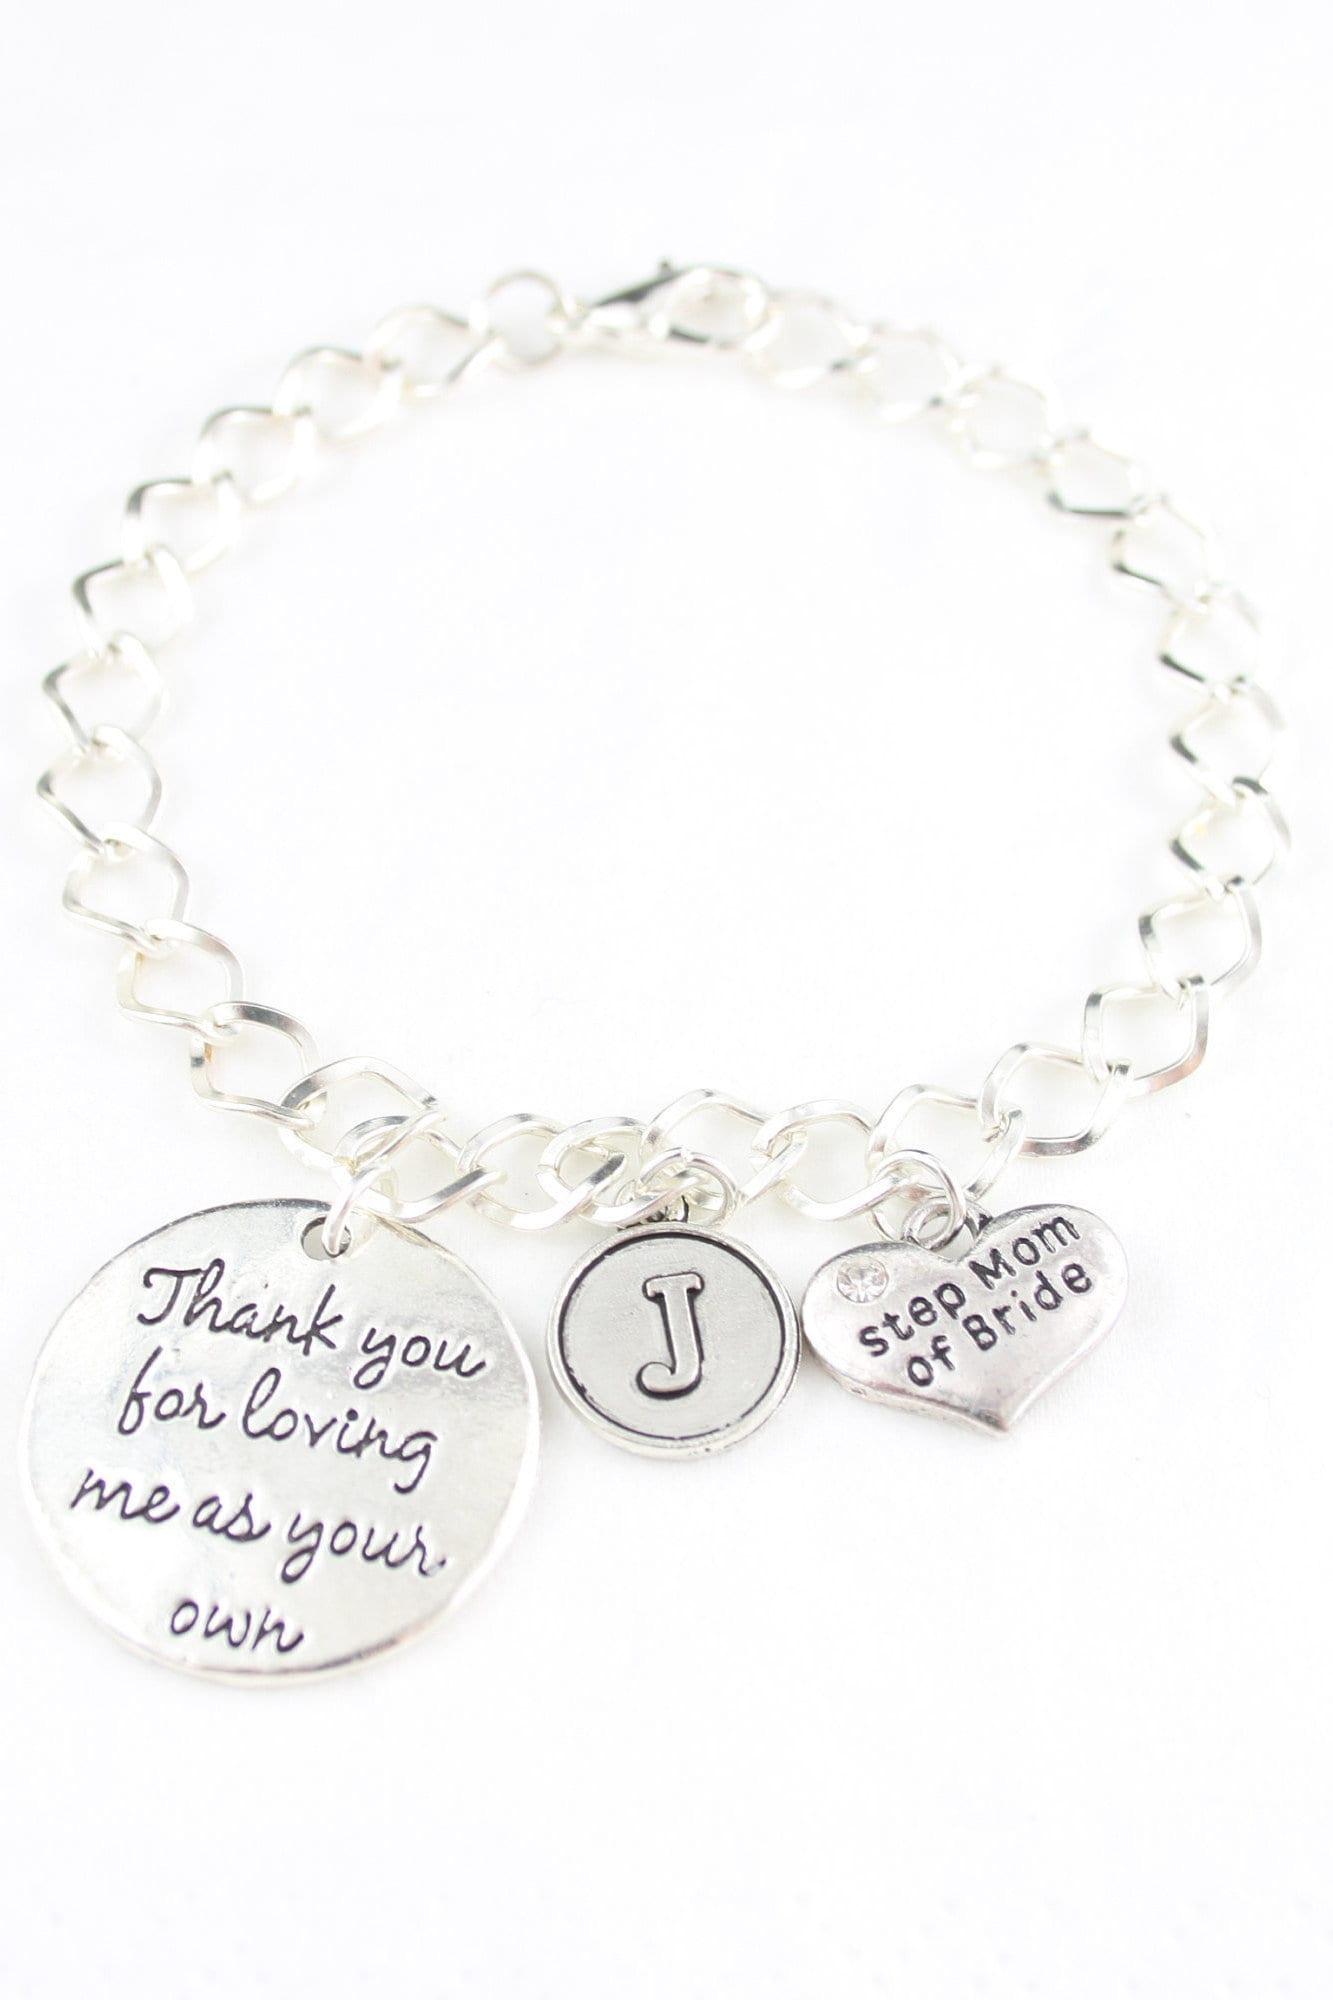 gifts for groom mother bracelet for bride step mom wedding bracelets mother in law bracelet appreciation parents in law wedding favors